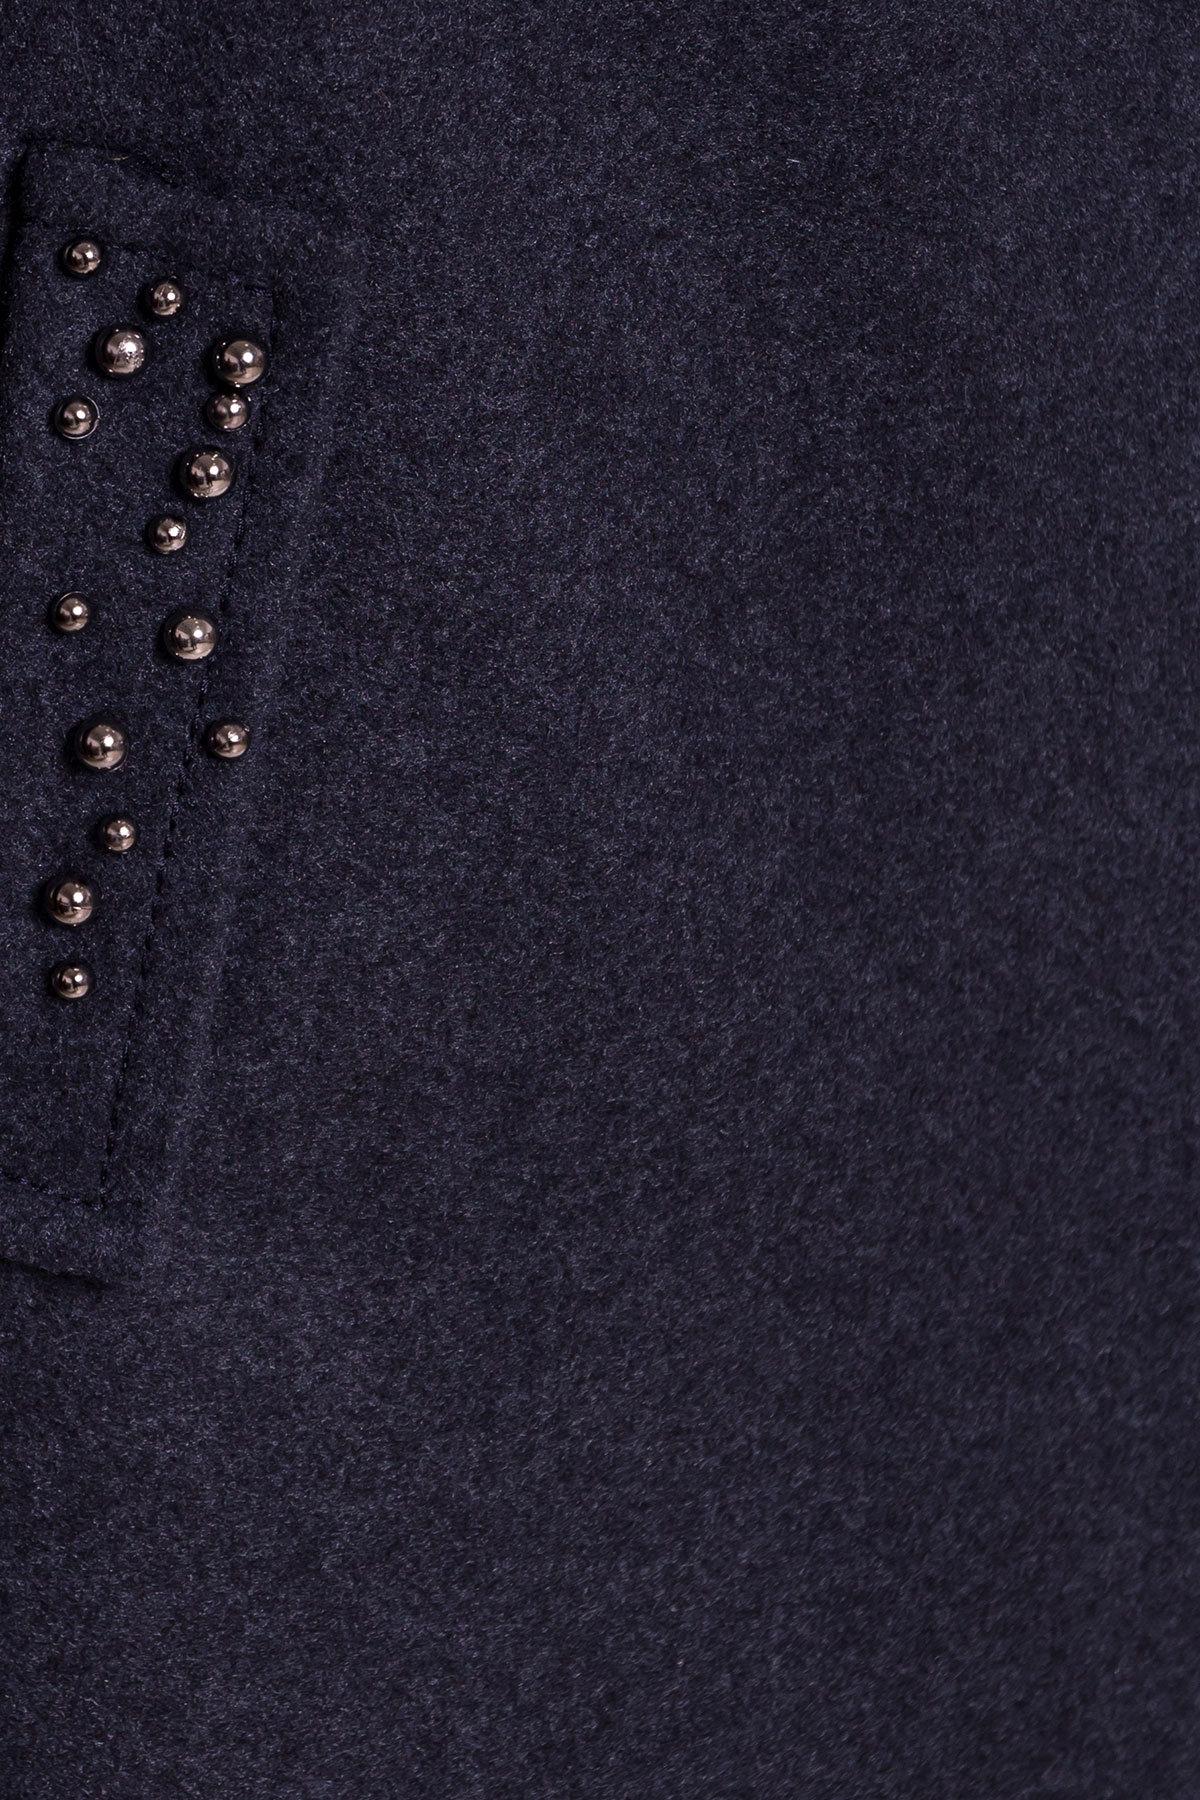 Пальто Парис 5404 Цвет: Синий/Зеленый 72